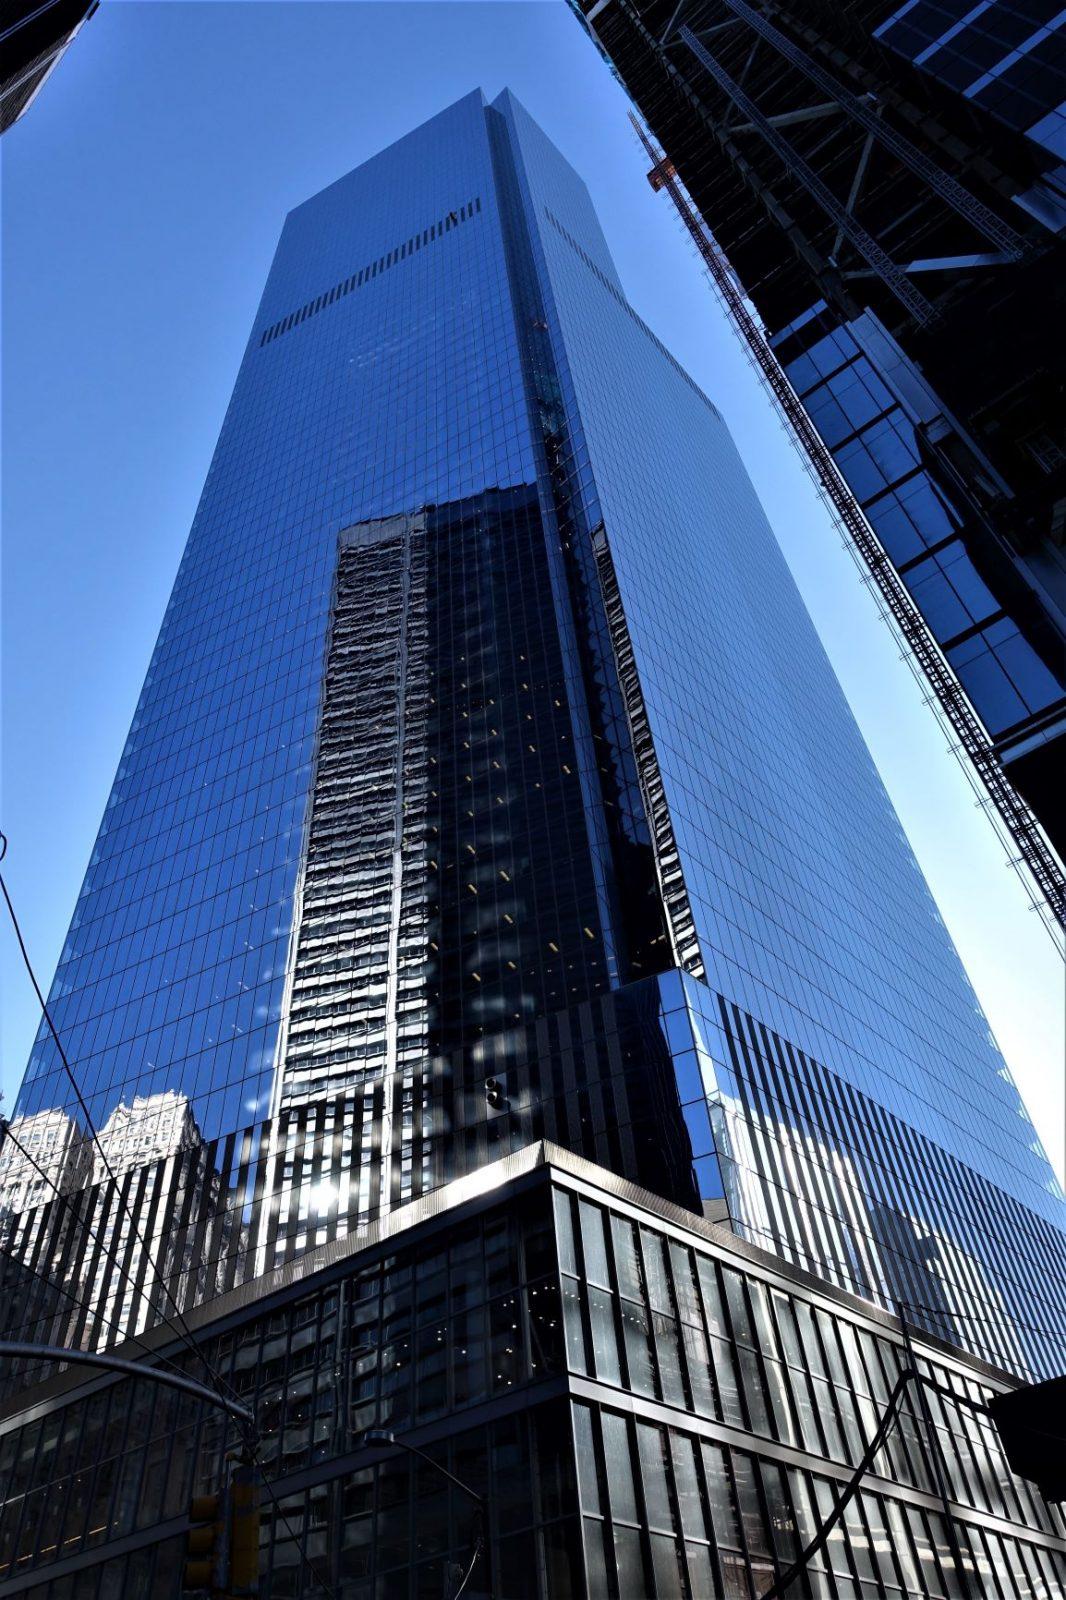 en skyskraper med glassfasade hvor nabobygningene speiler seg